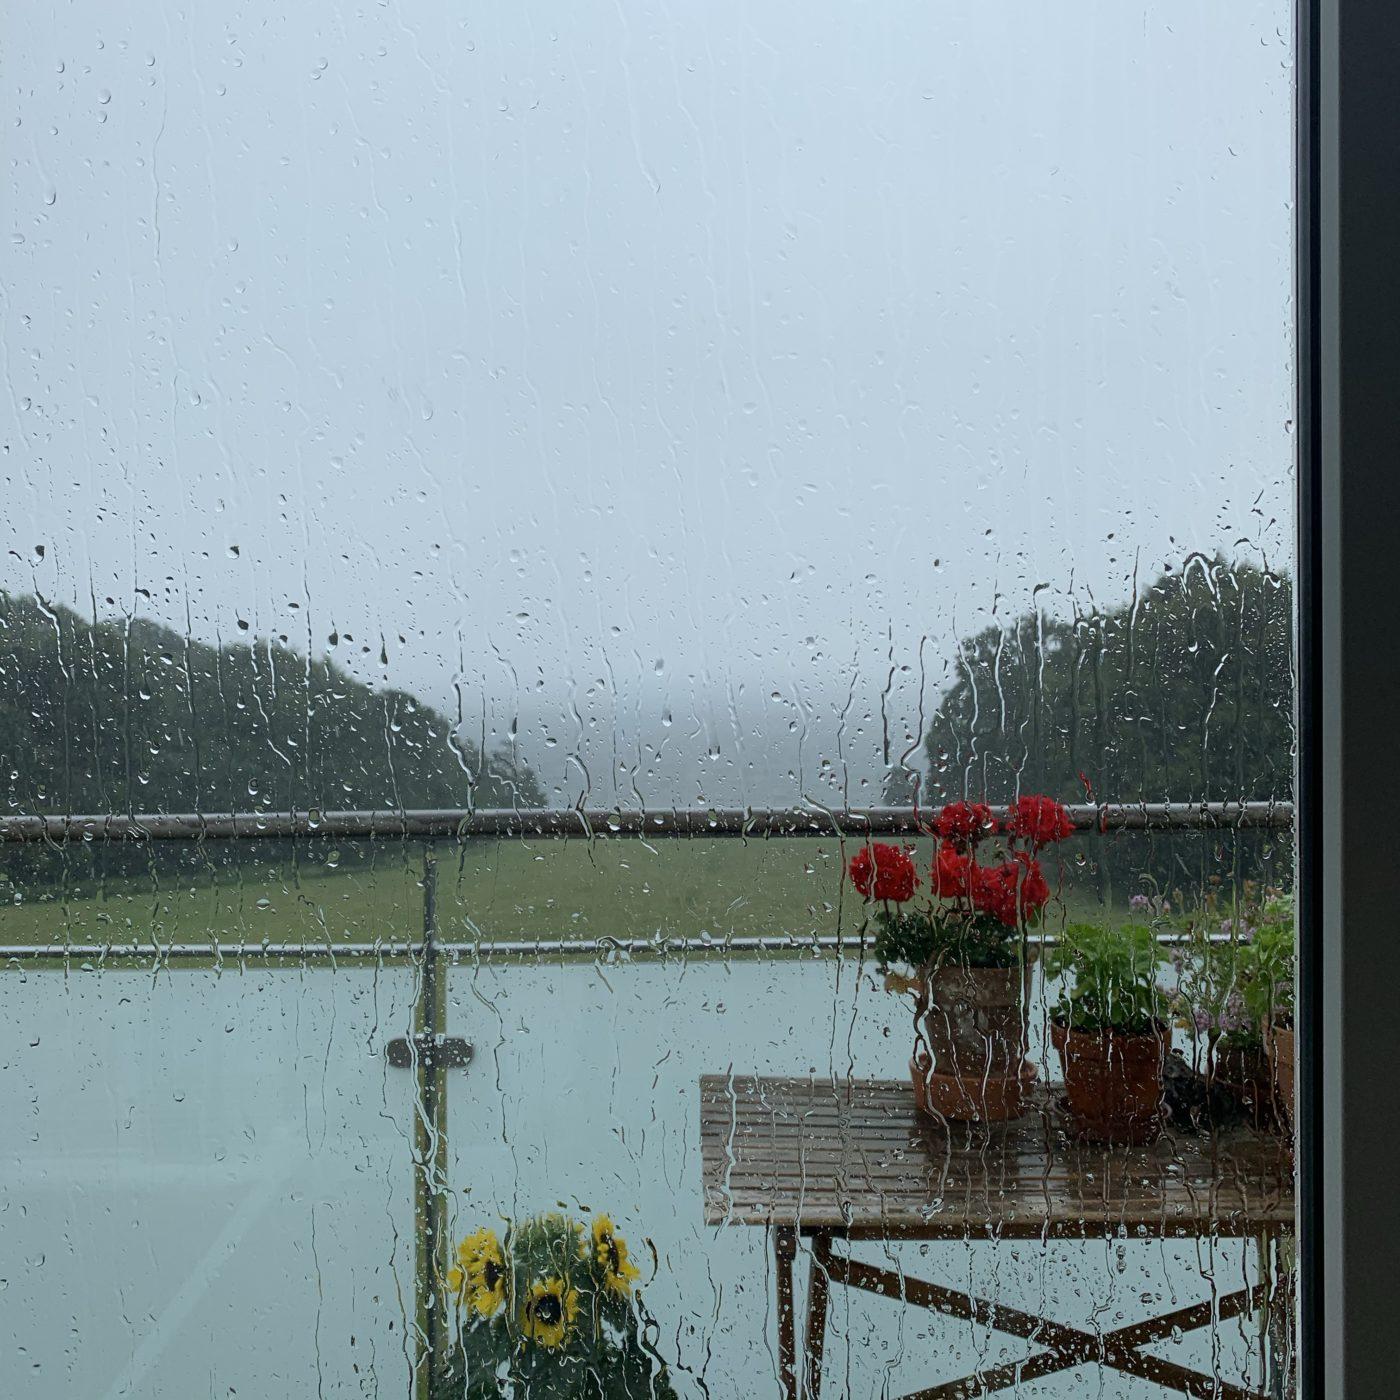 Et kig ud over altanen med potteplanter og masser af regn.